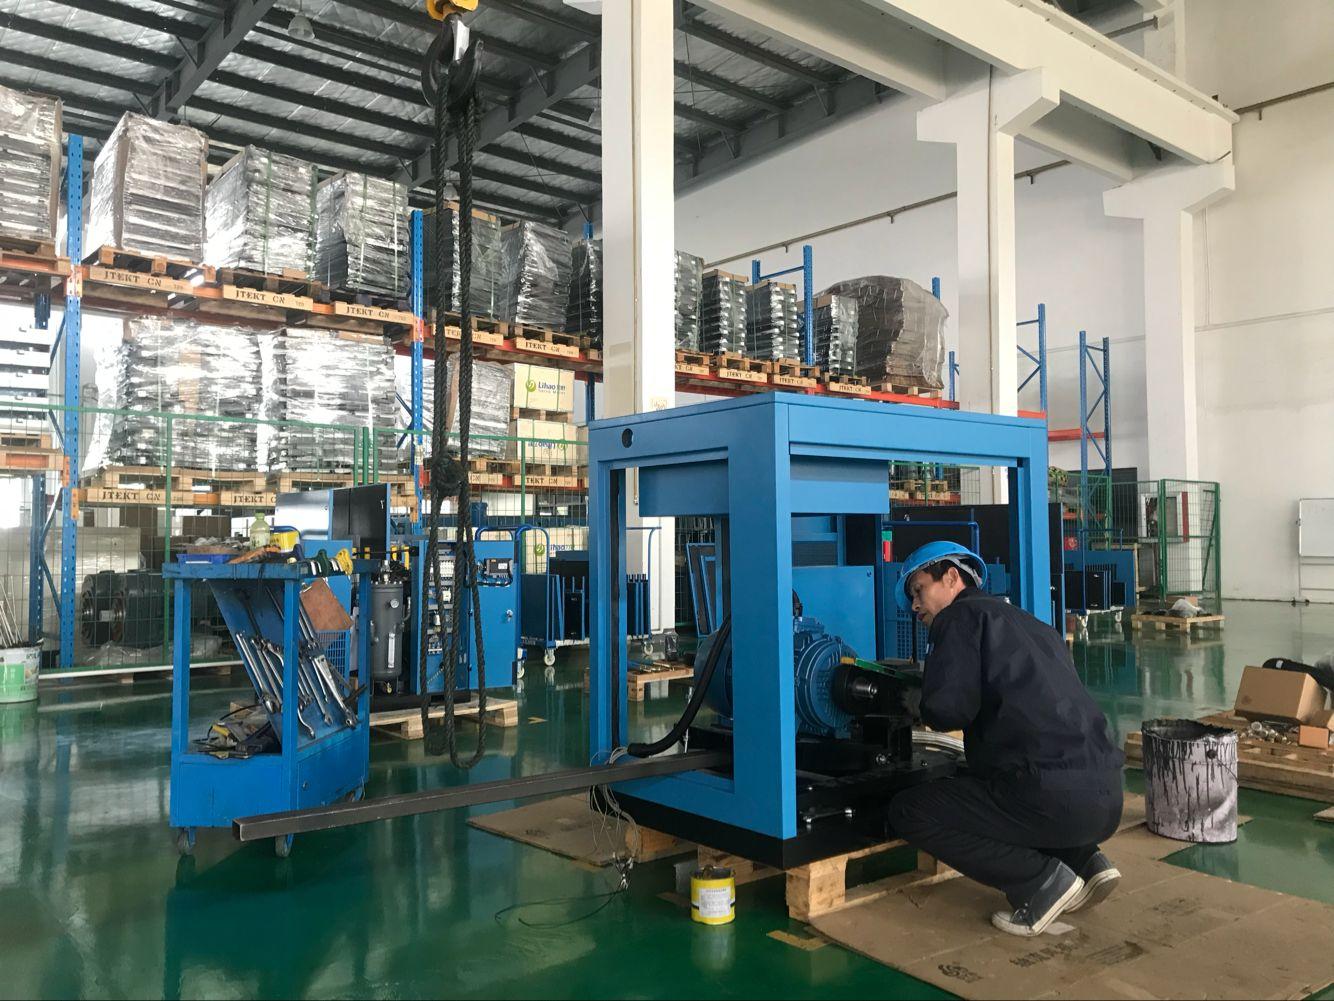 螺杆空压机系统常见问题及处理措施